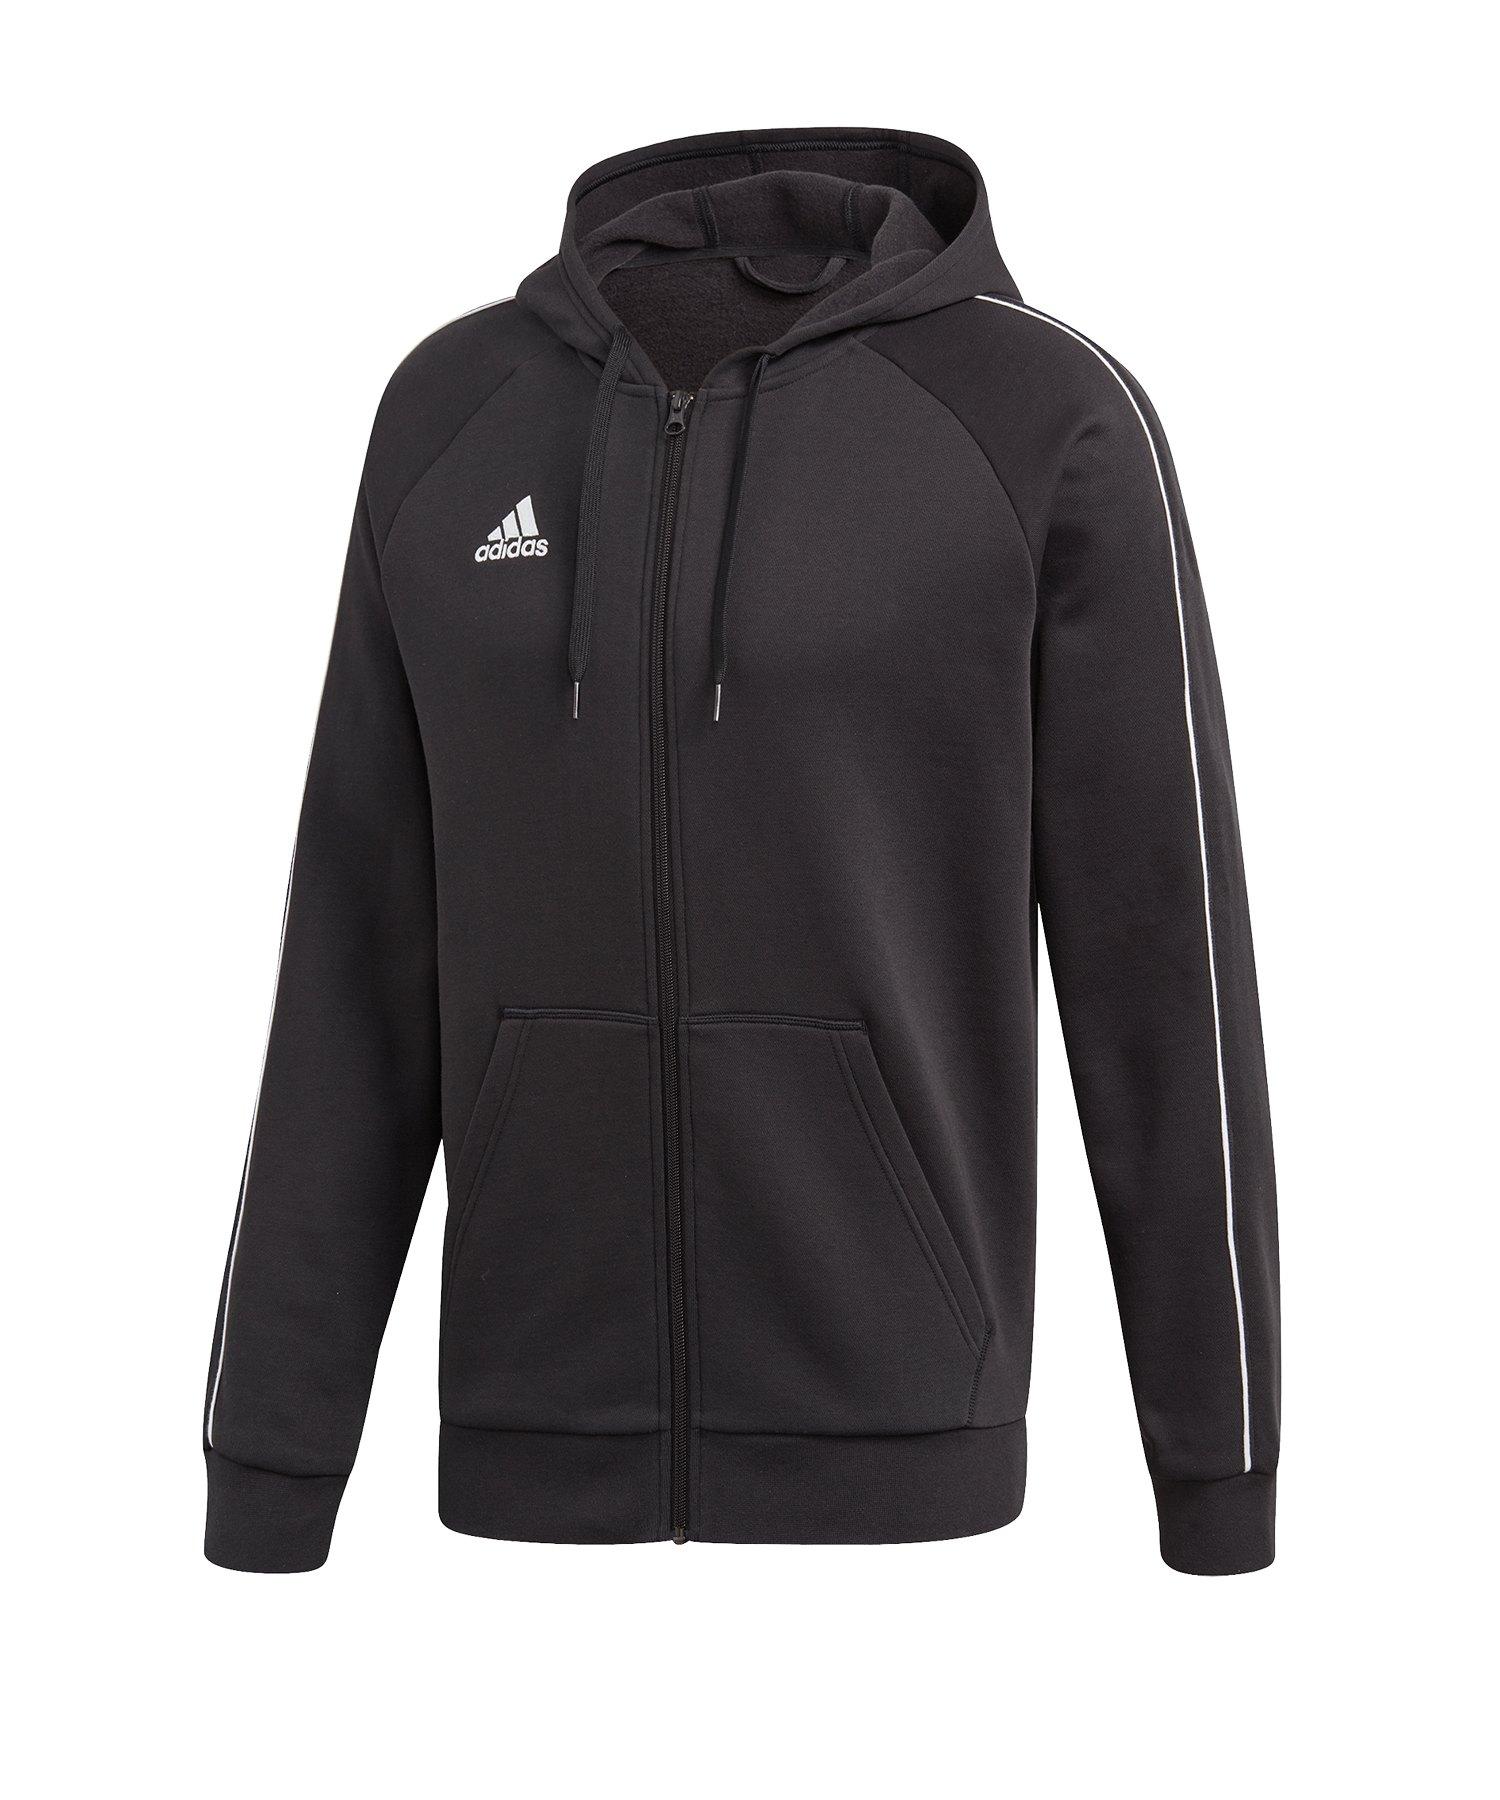 adidas Core 18 Kapuzenjacke Schwarz Weiss - schwarz